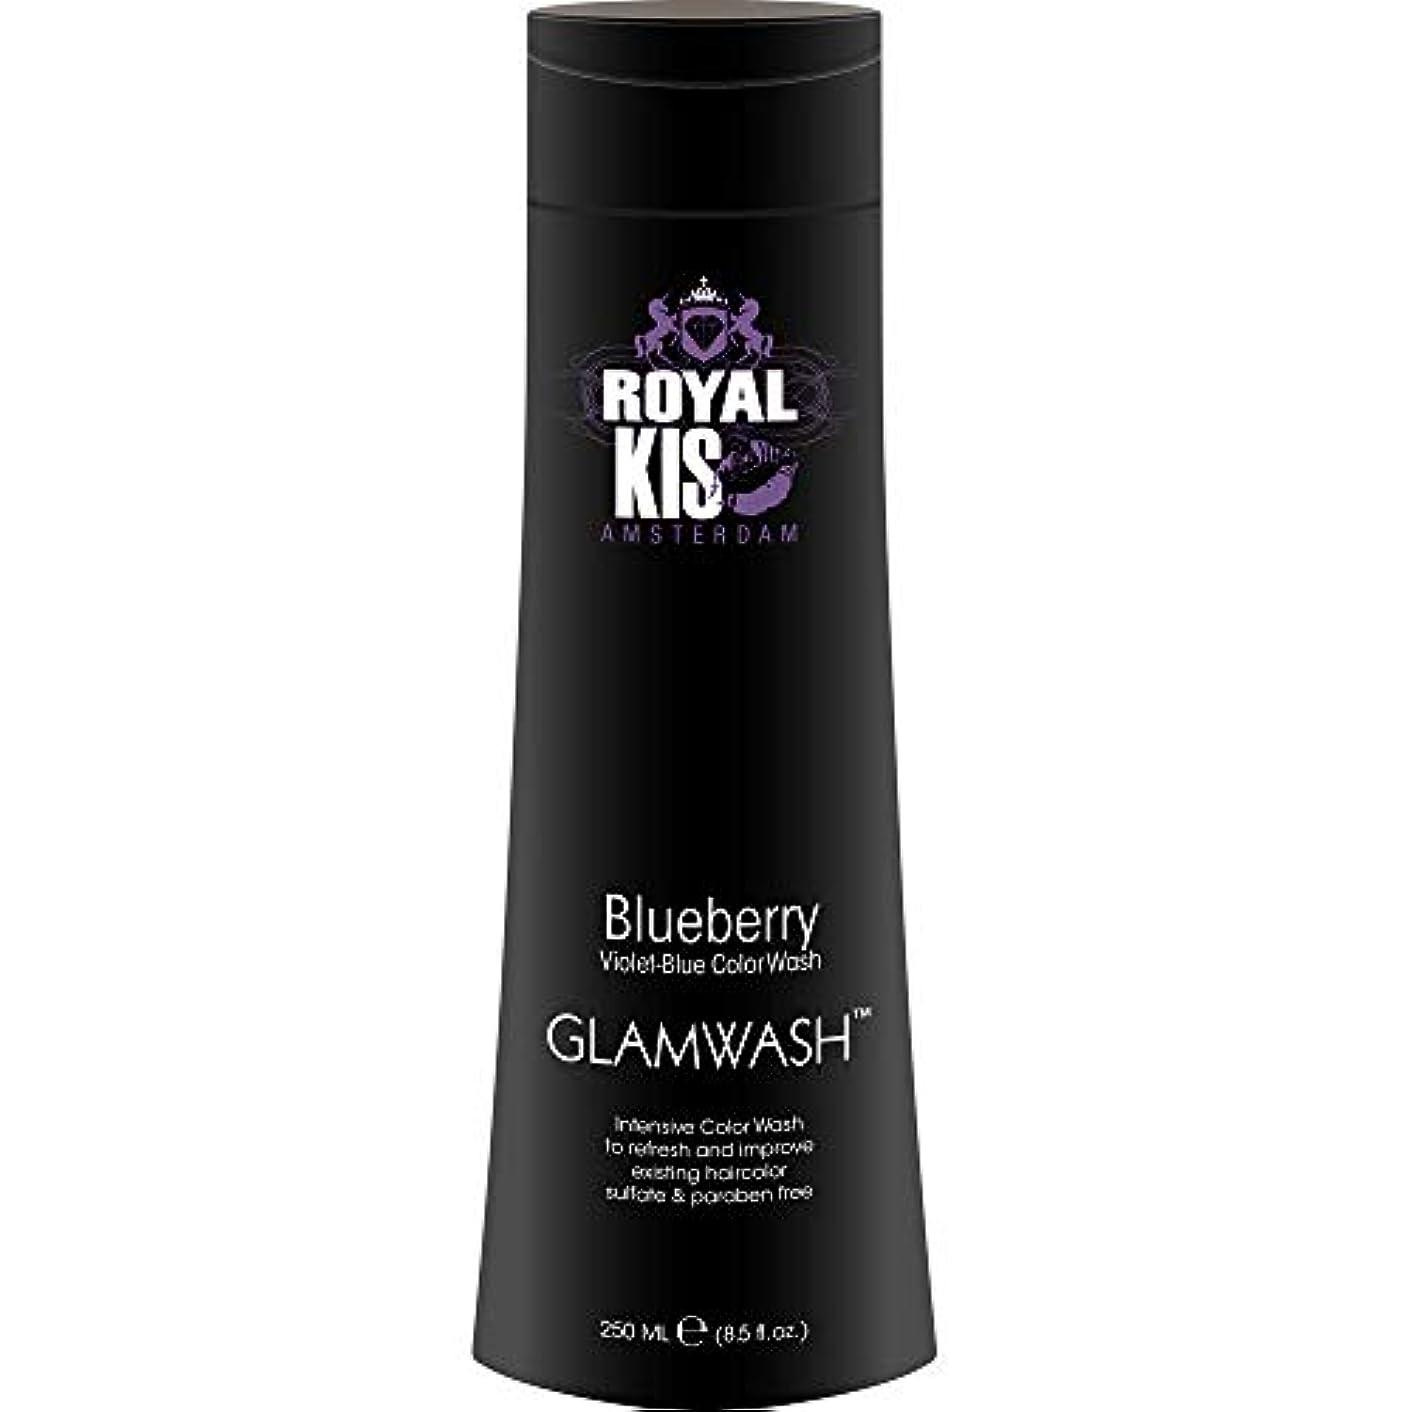 みなさんレキシコン回転させるKappers Kis GlamWash ブルーベリー(バイオレット)-250mlインテンスカラーウォッシュ